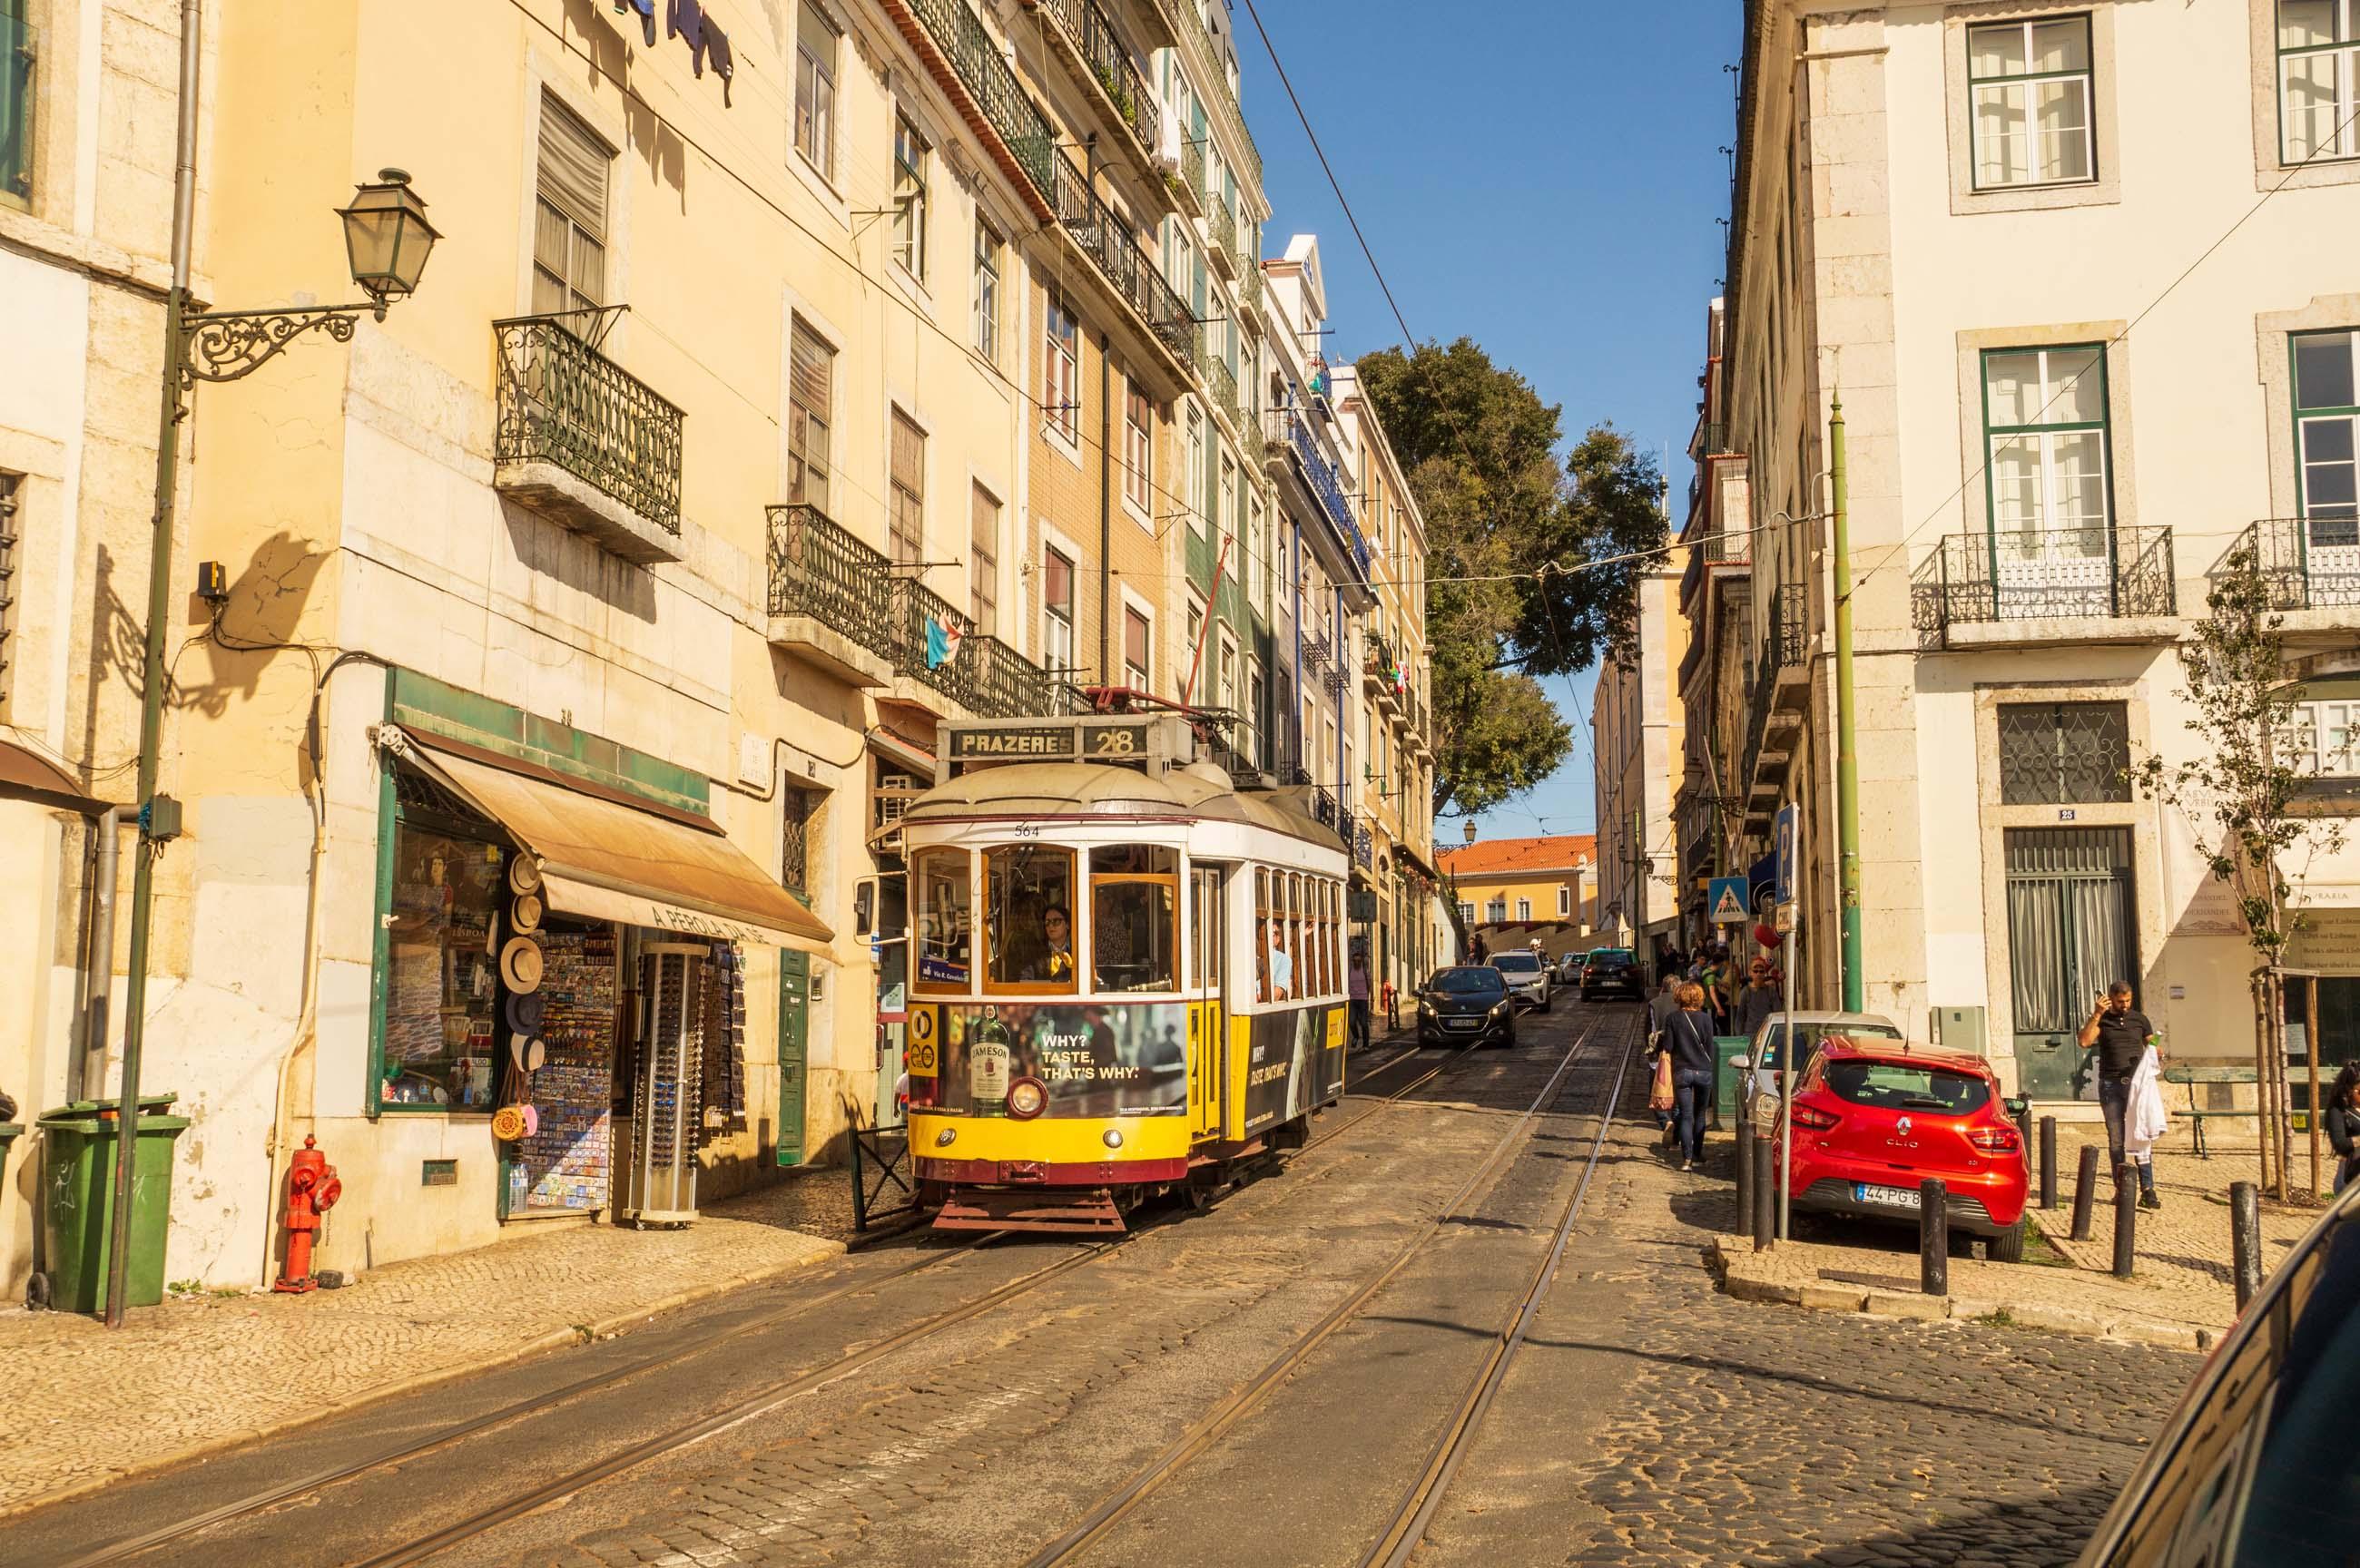 https://bubo.sk/uploads/galleries/5052/jozefzeliznakst_portugalsko_lisabon_dsc06000.jpg